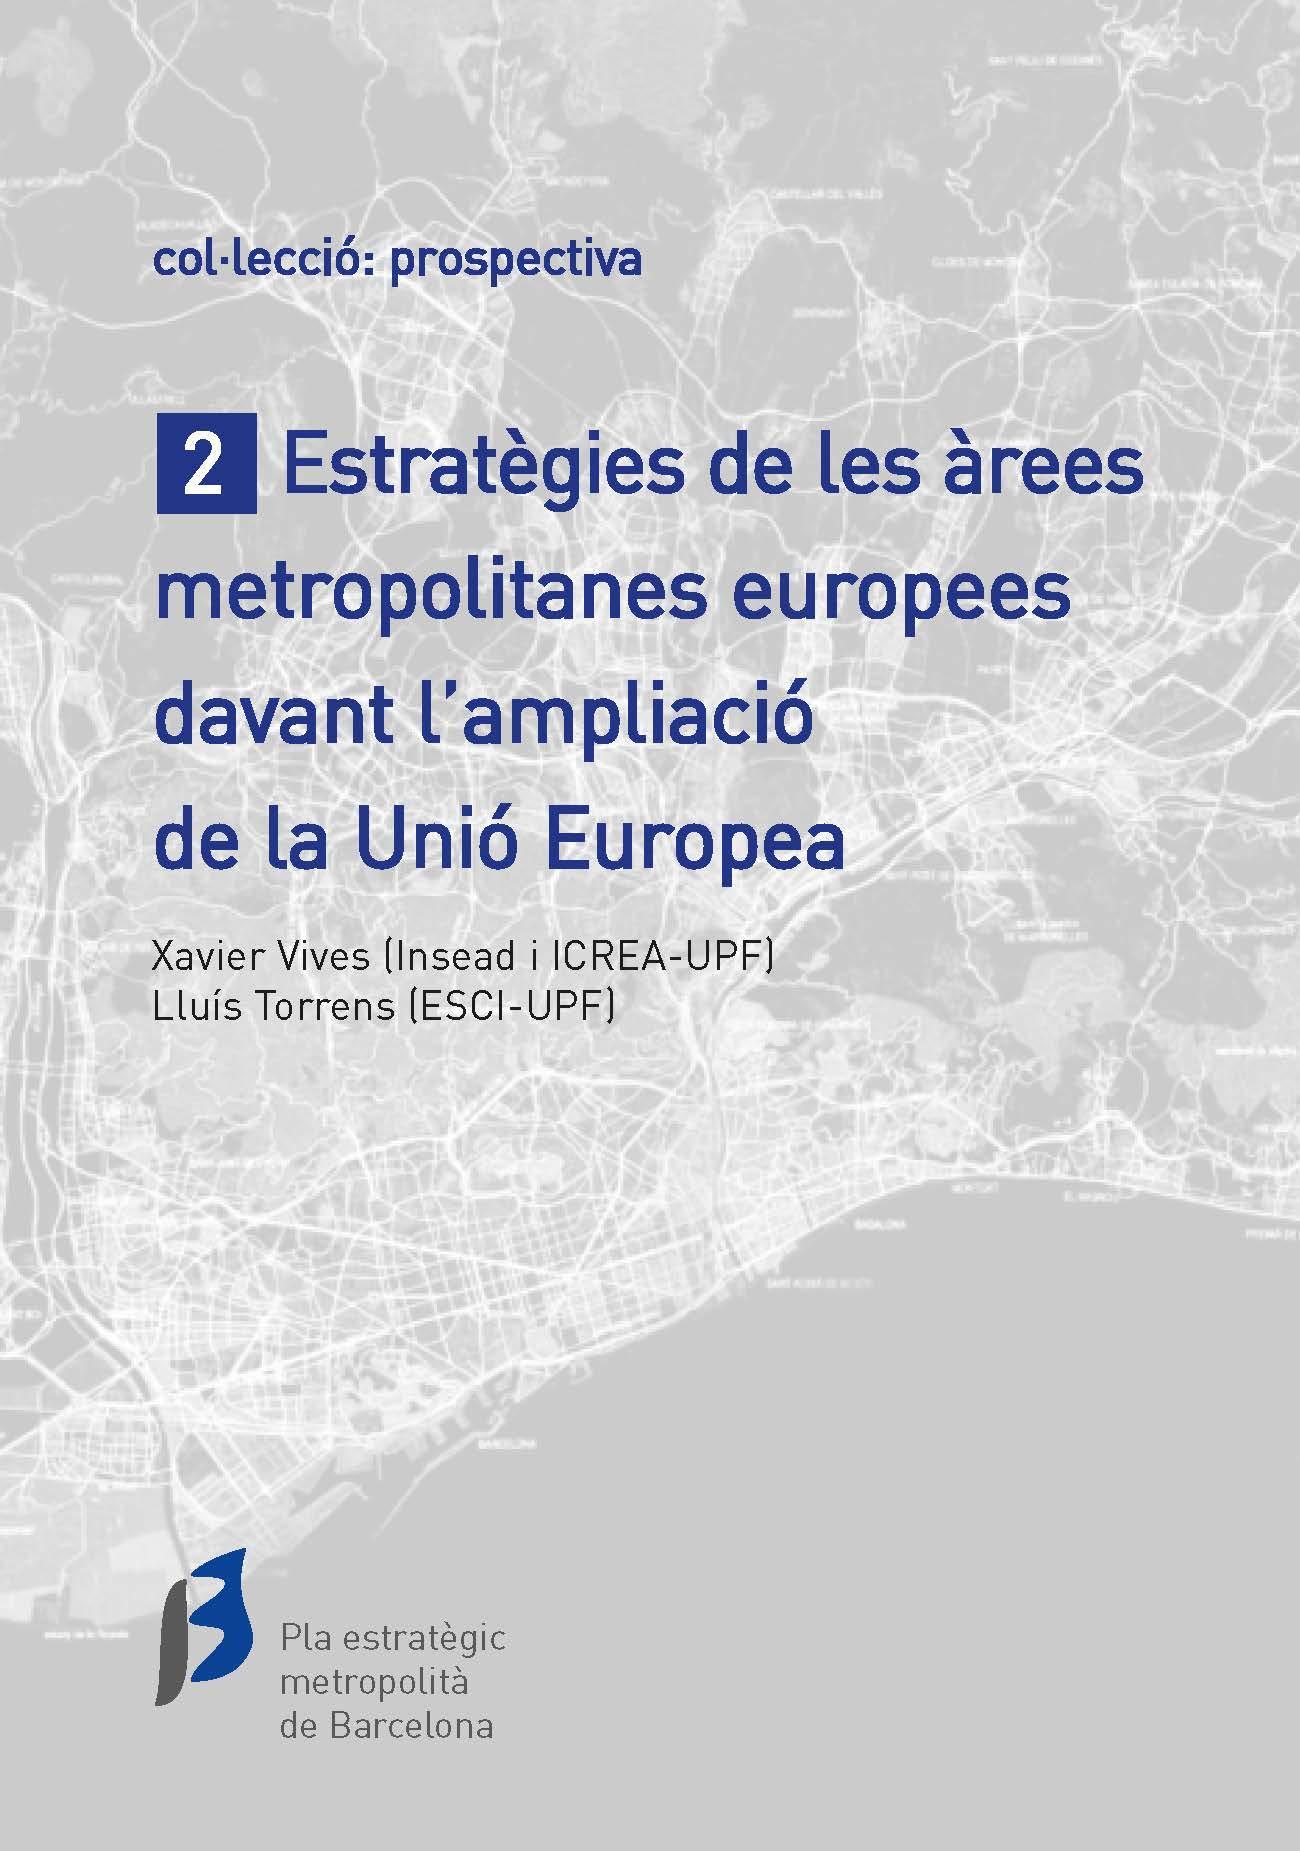 Estrategias áreas metropolitanas